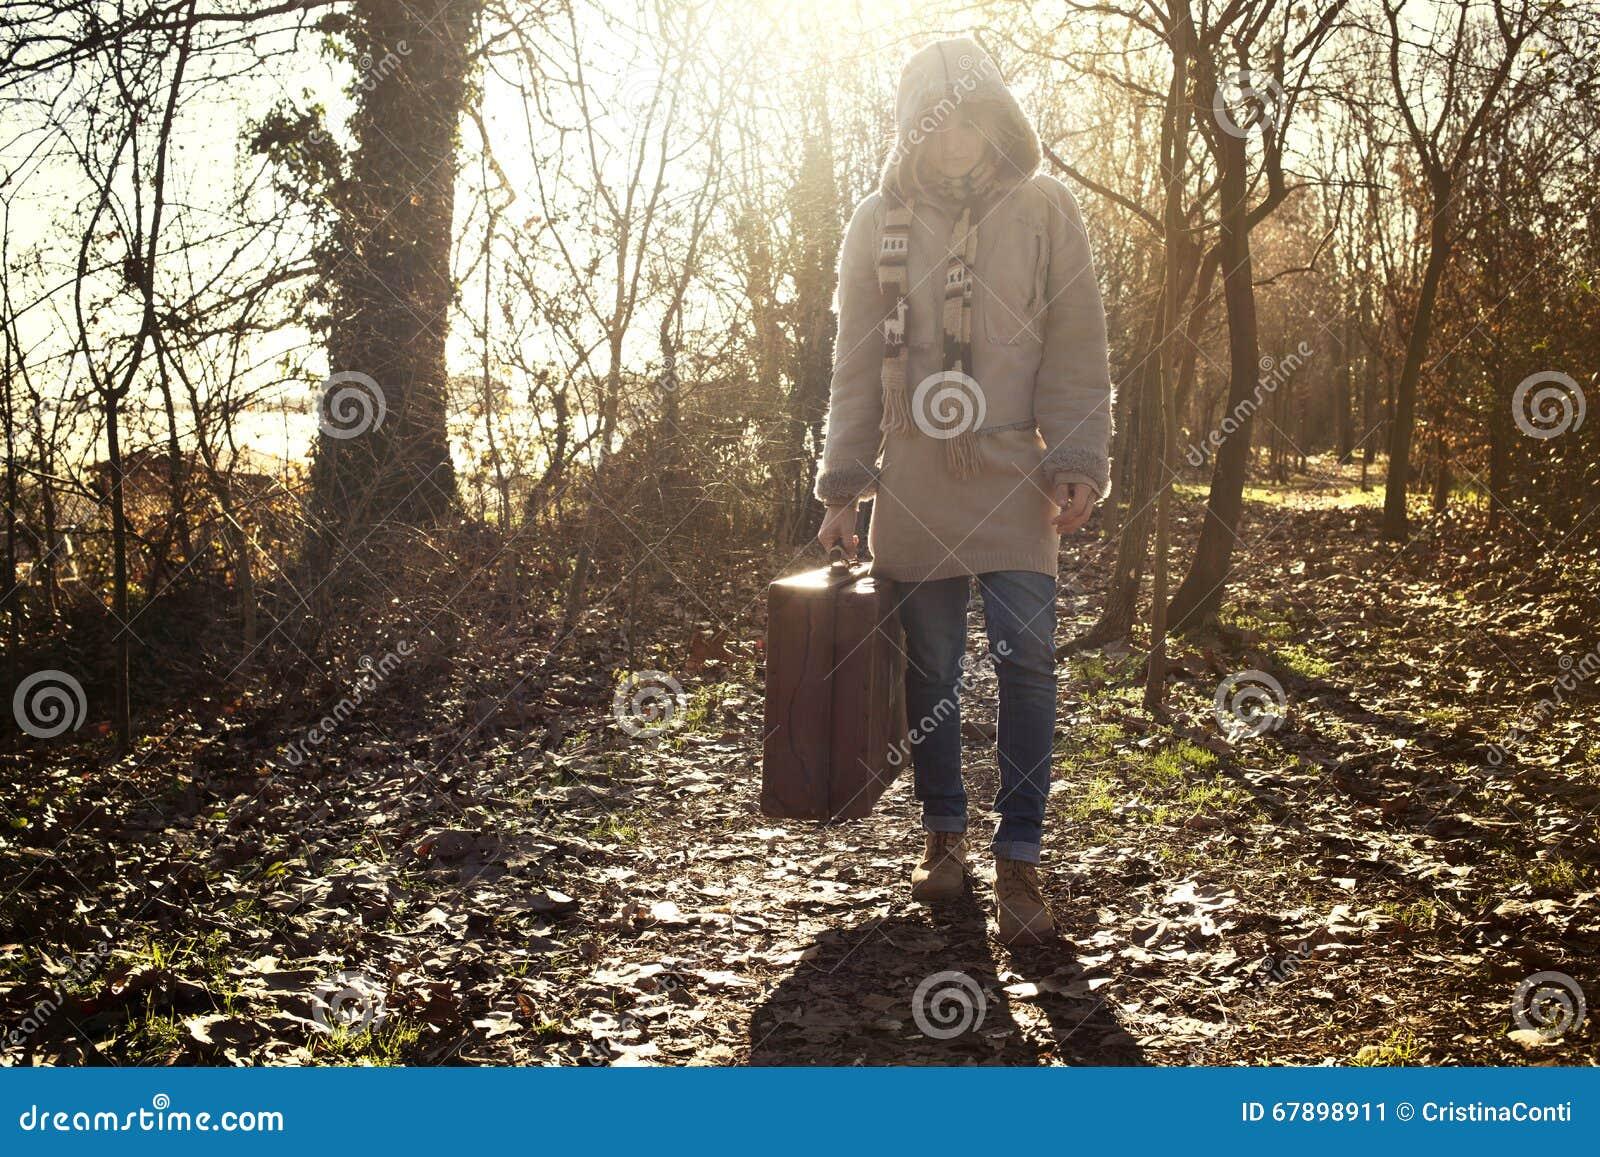 旅客妇女在神奇森林里开始它的旅途